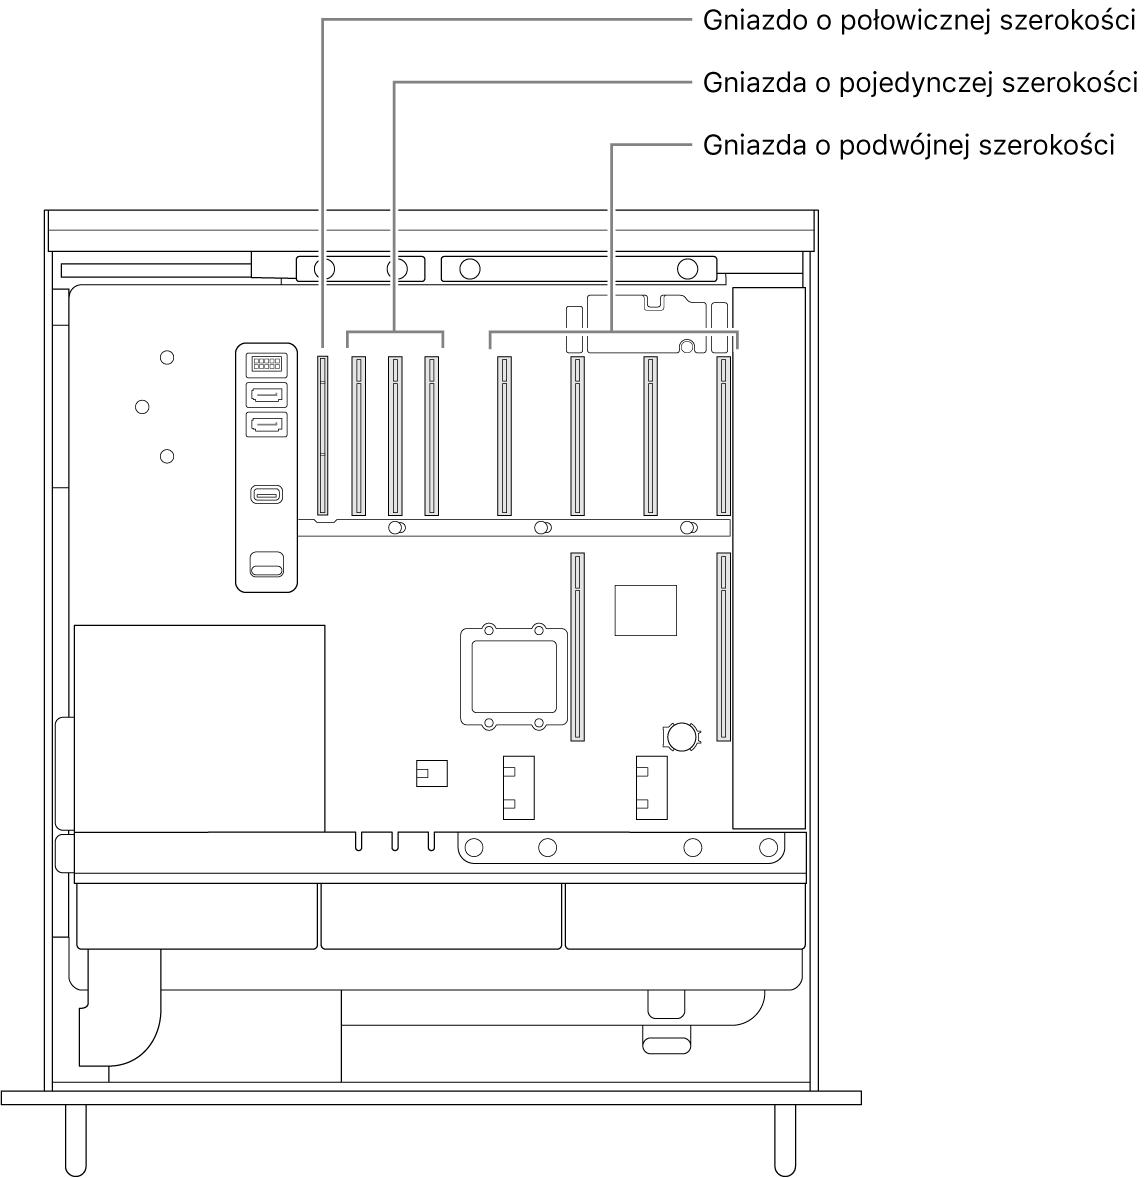 Widok zboku otwartego Maca Pro zobjaśnieniami pokazującymi, gdzie znajdują się cztery gniazda opodwójnej szerokości, trzy gniazda opojedynczej szerokości oraz gniazdo opołowicznej szerokości.